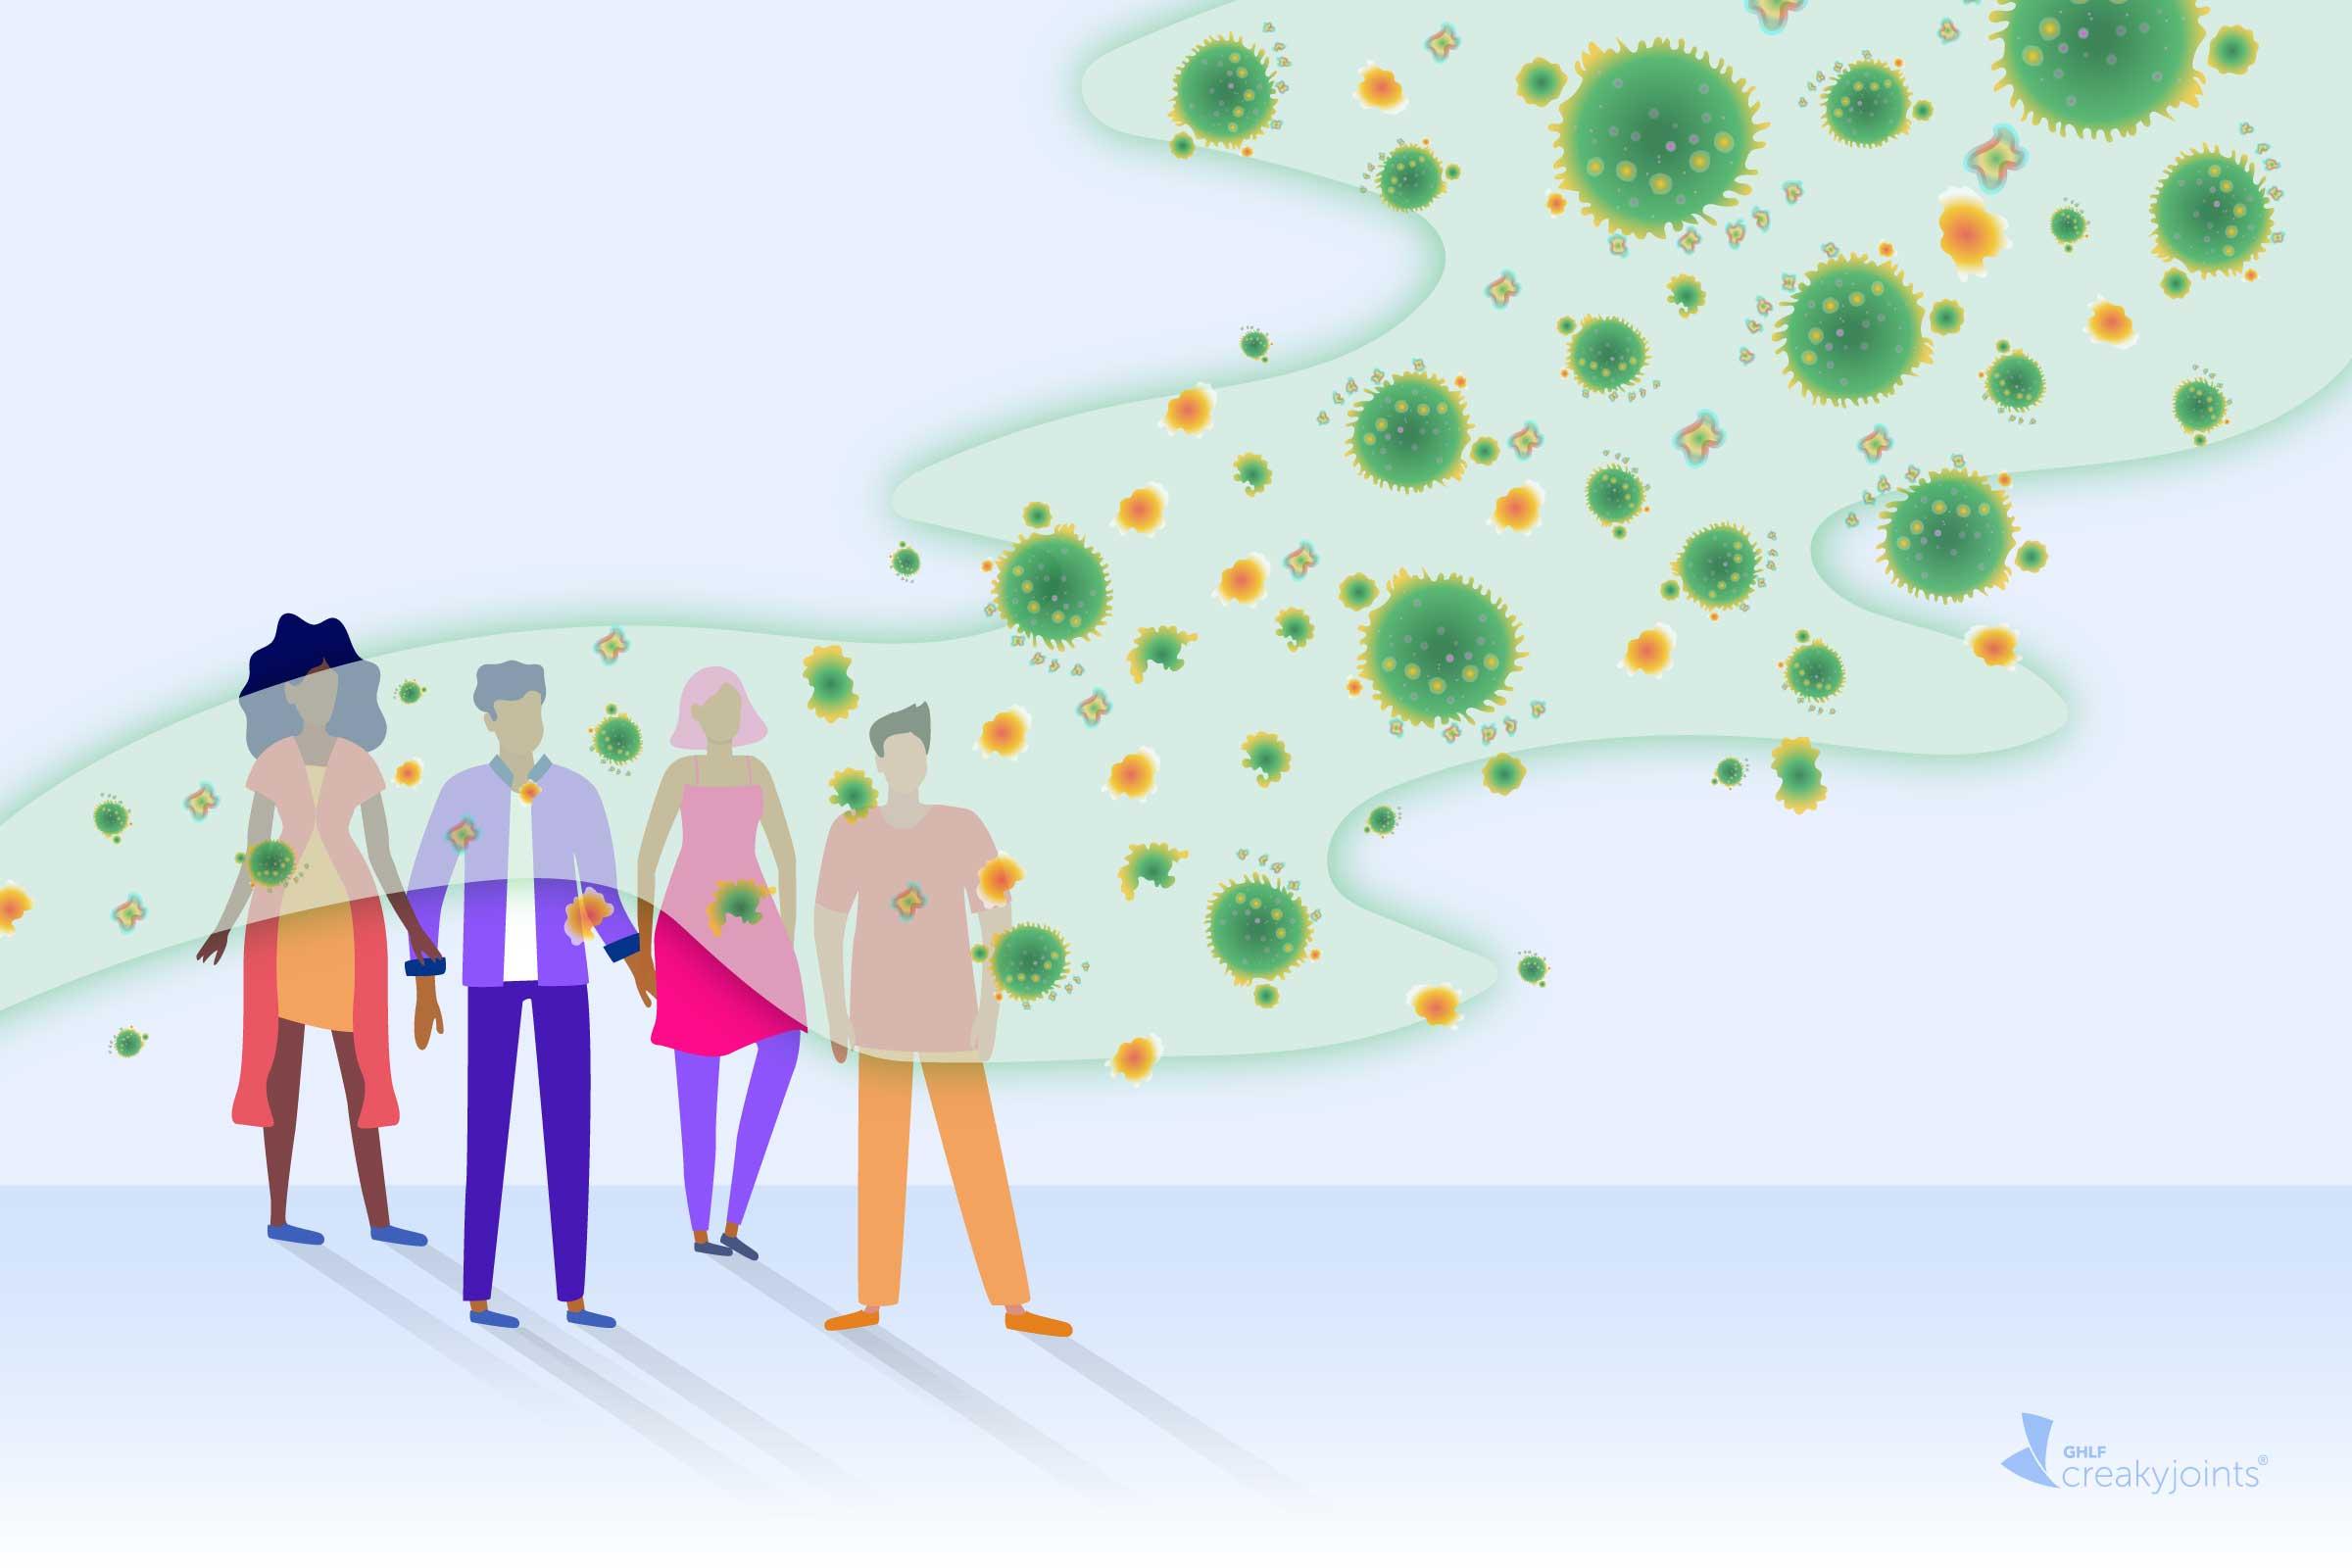 Airborne Coronavirus: Coronavirus May Linger in Indoor Air for Hours